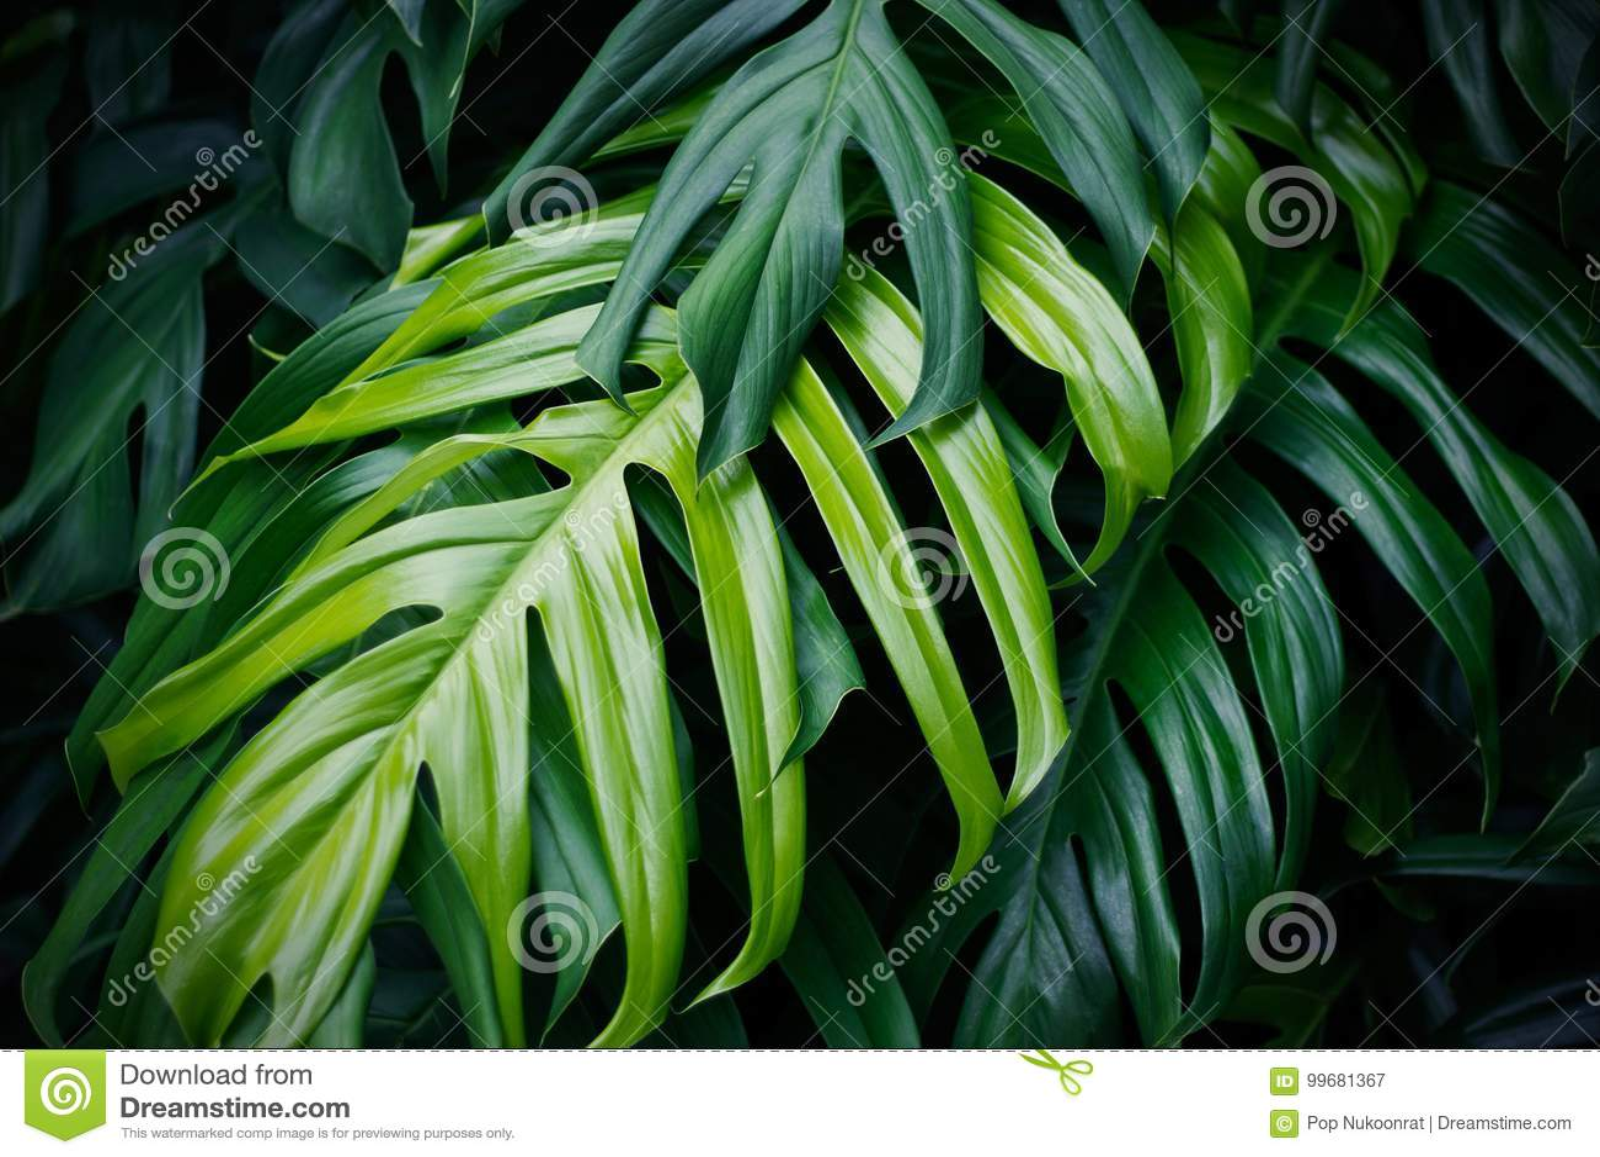 Tropische grüne Blätter, Natursommer-Waldanlage